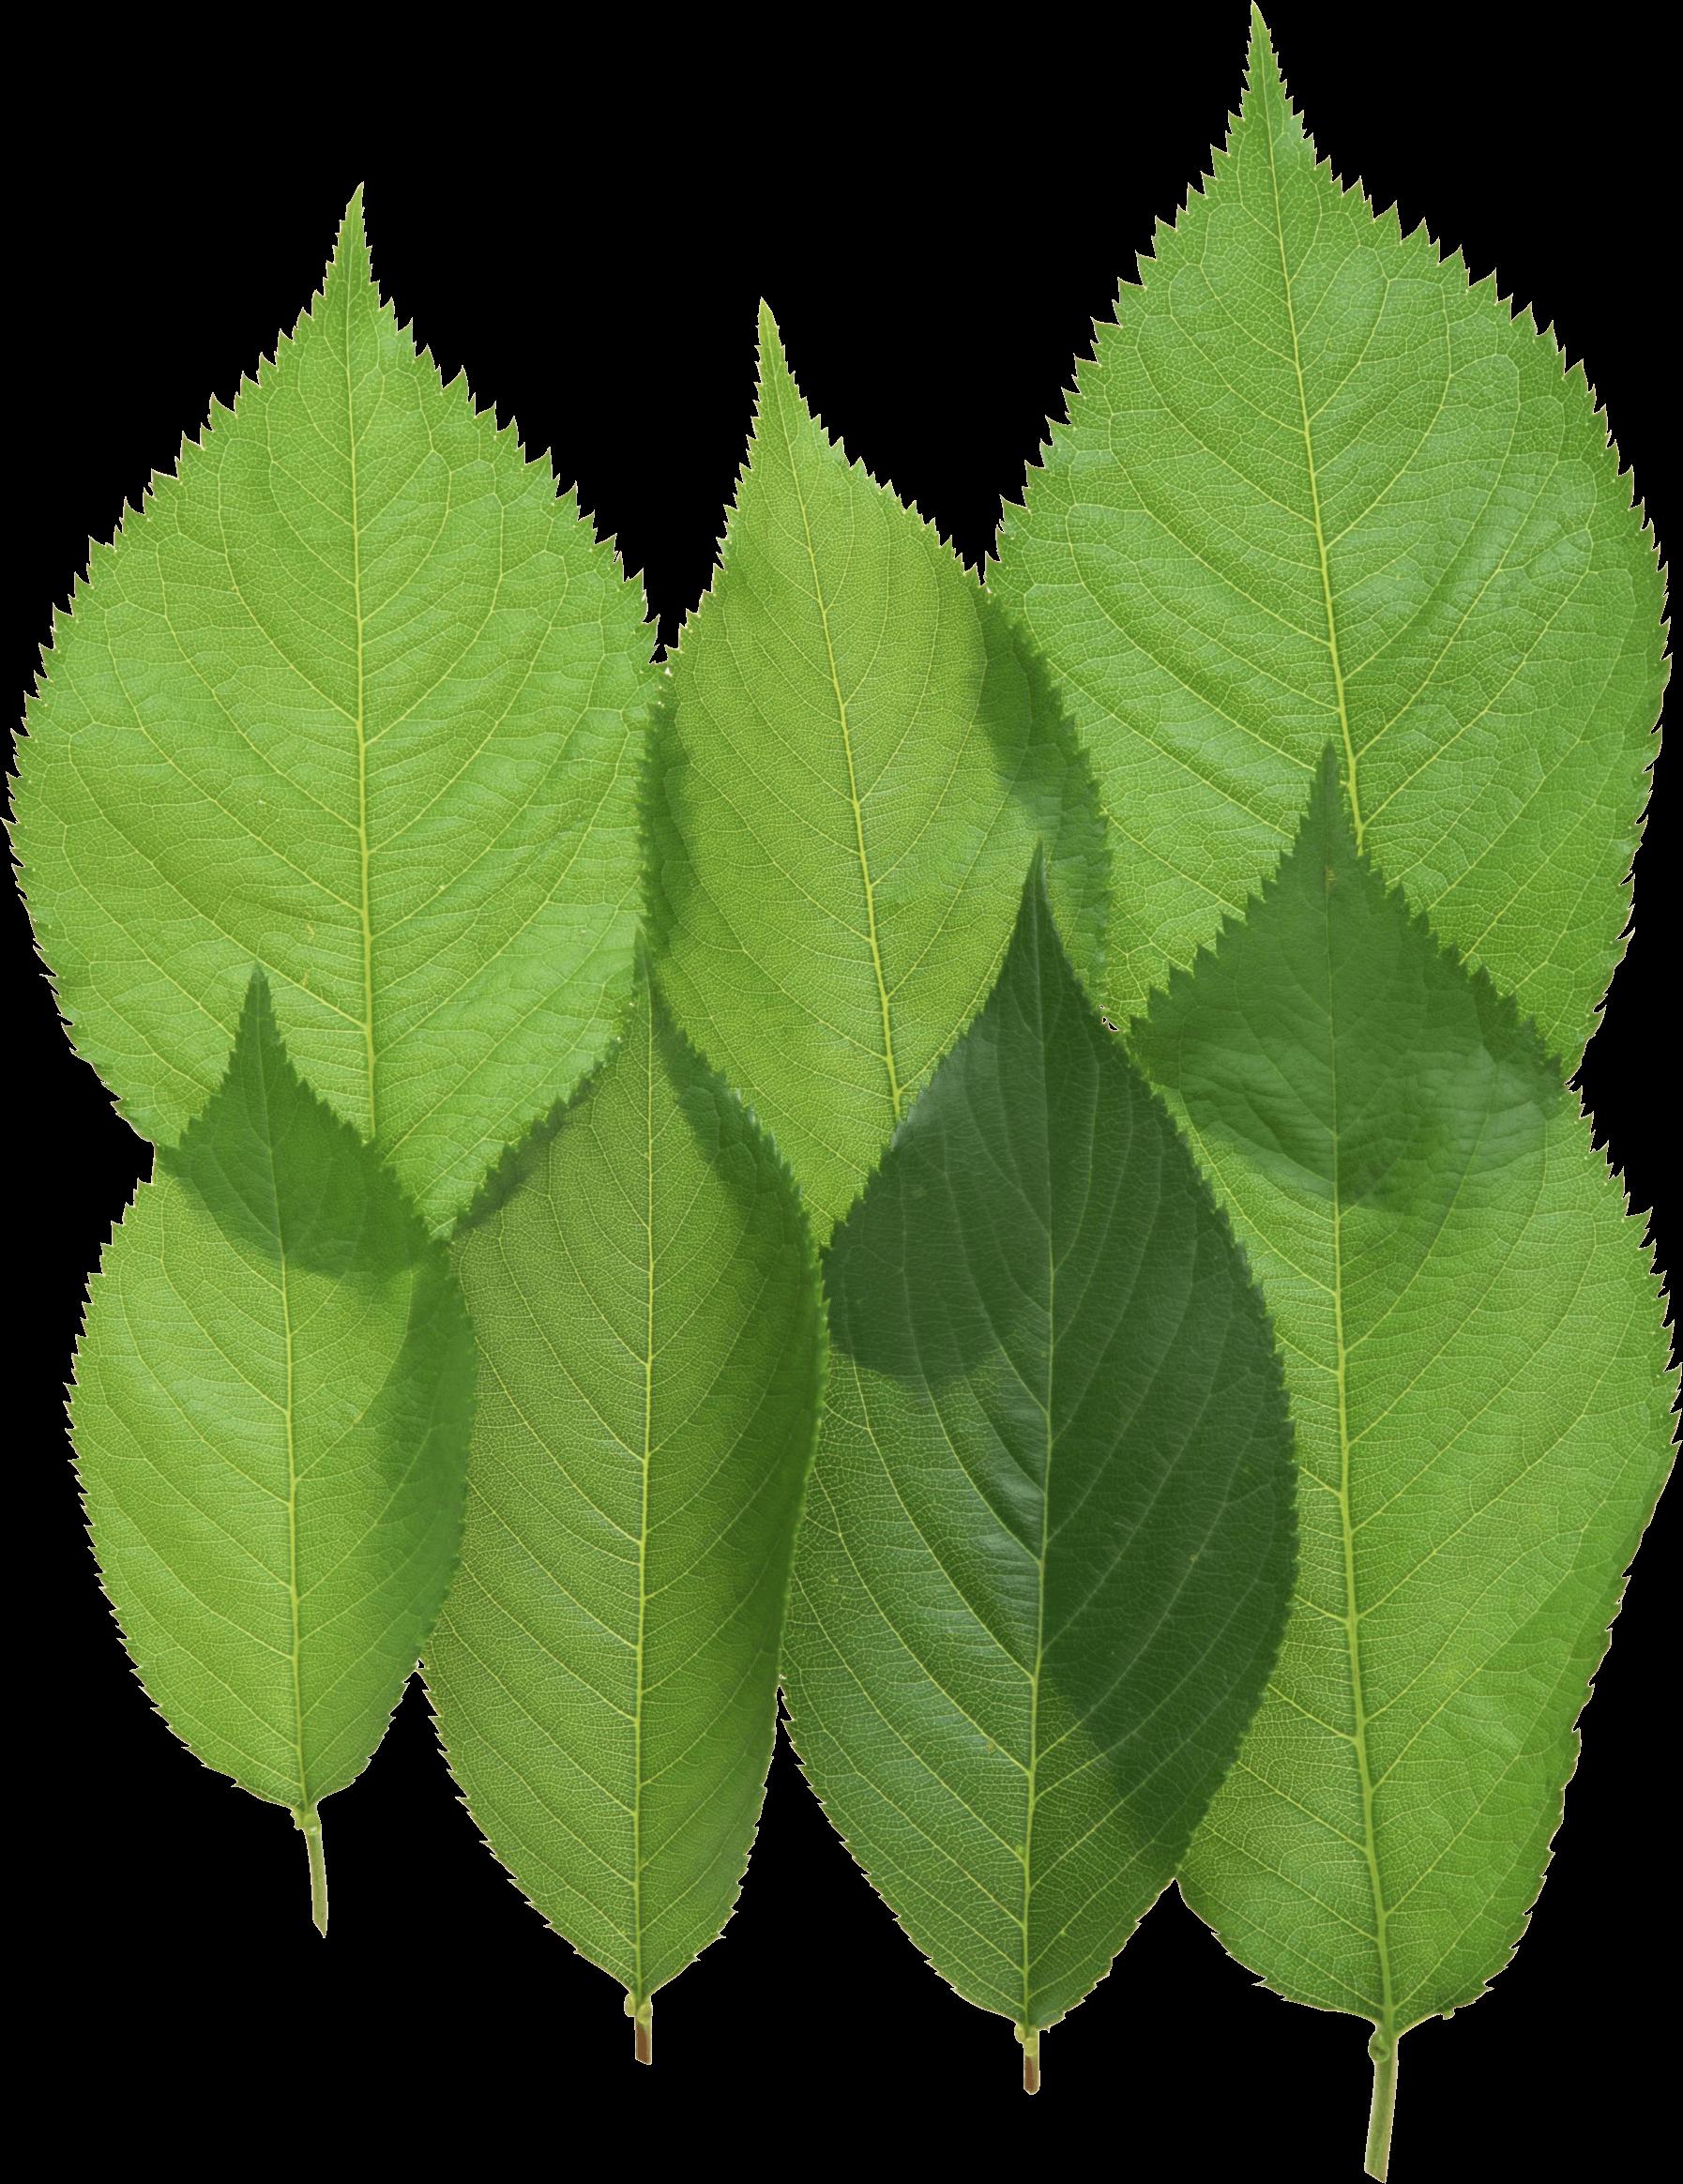 Download Green Leaf Png HQ PNG Image | FreePNGImg